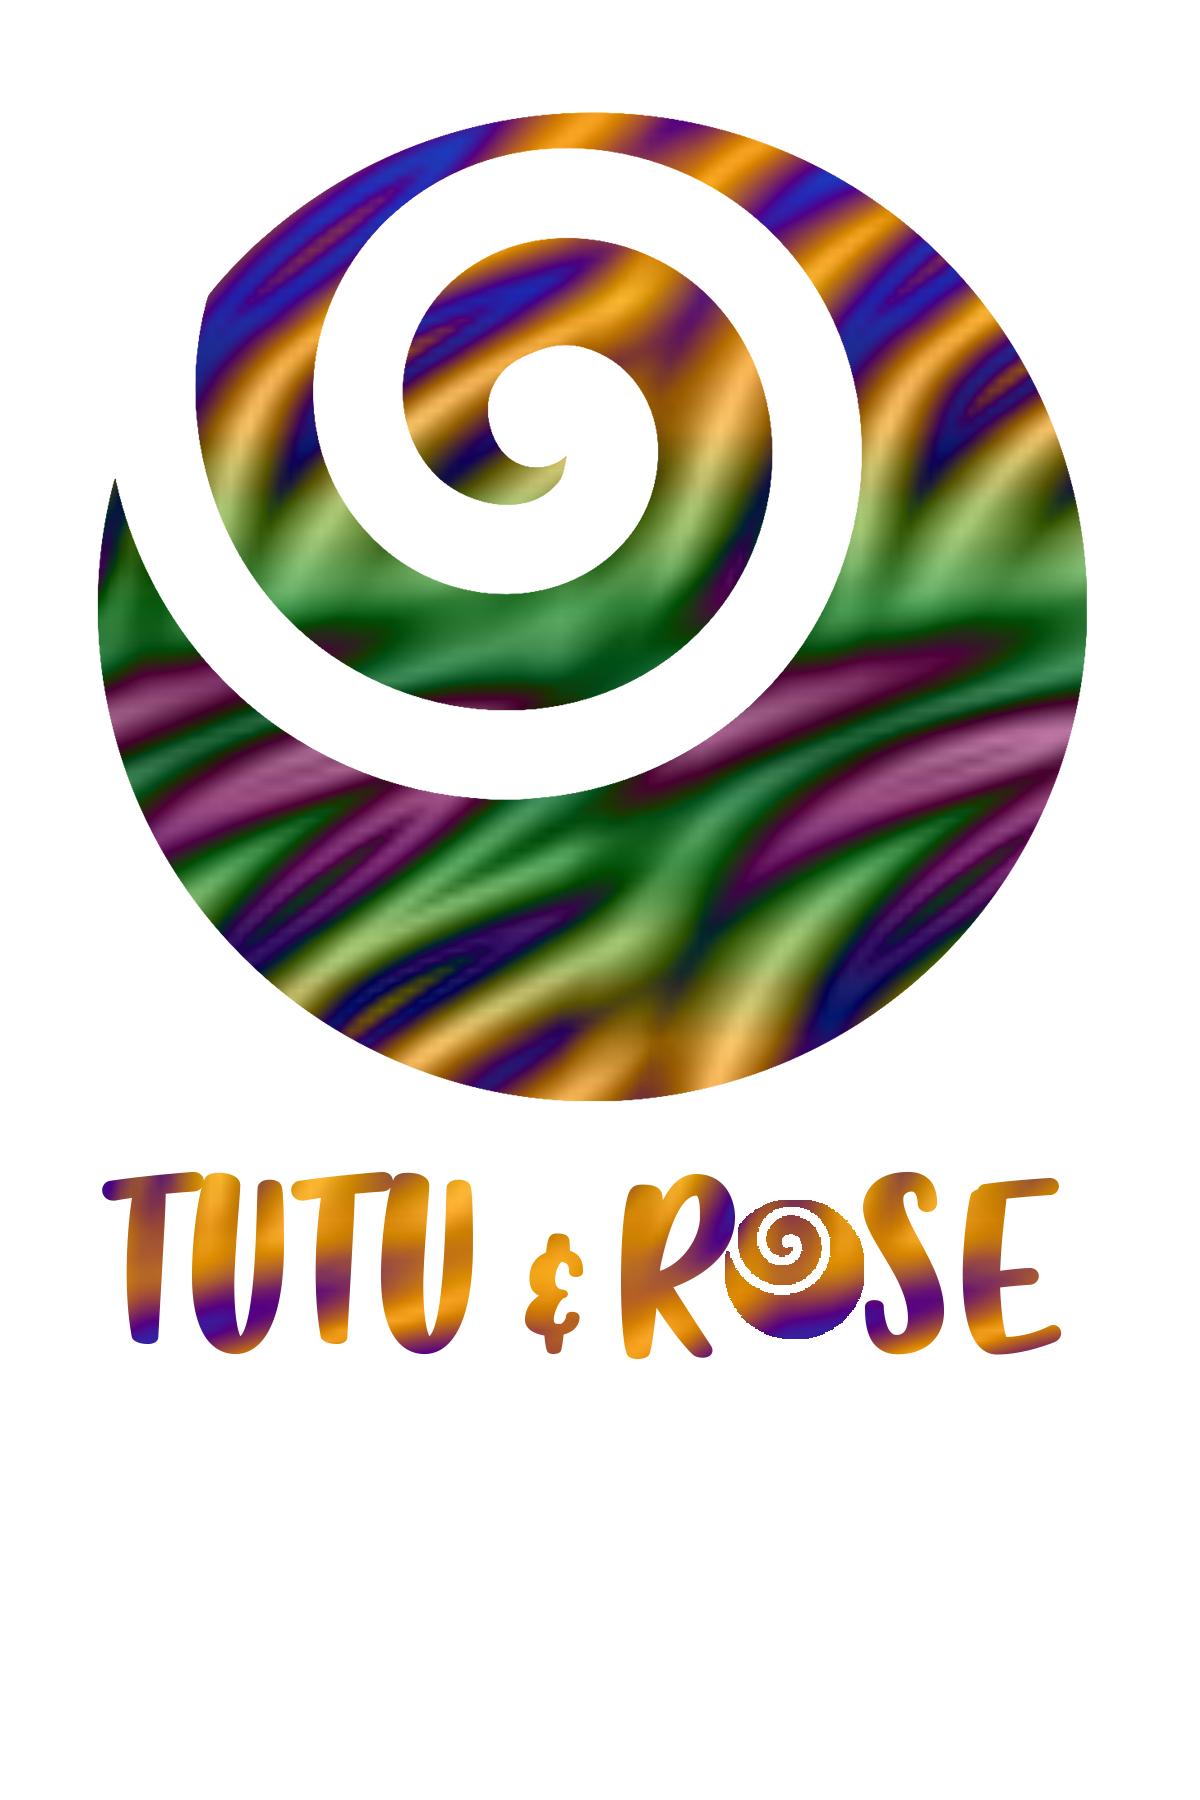 Tutu & Rose